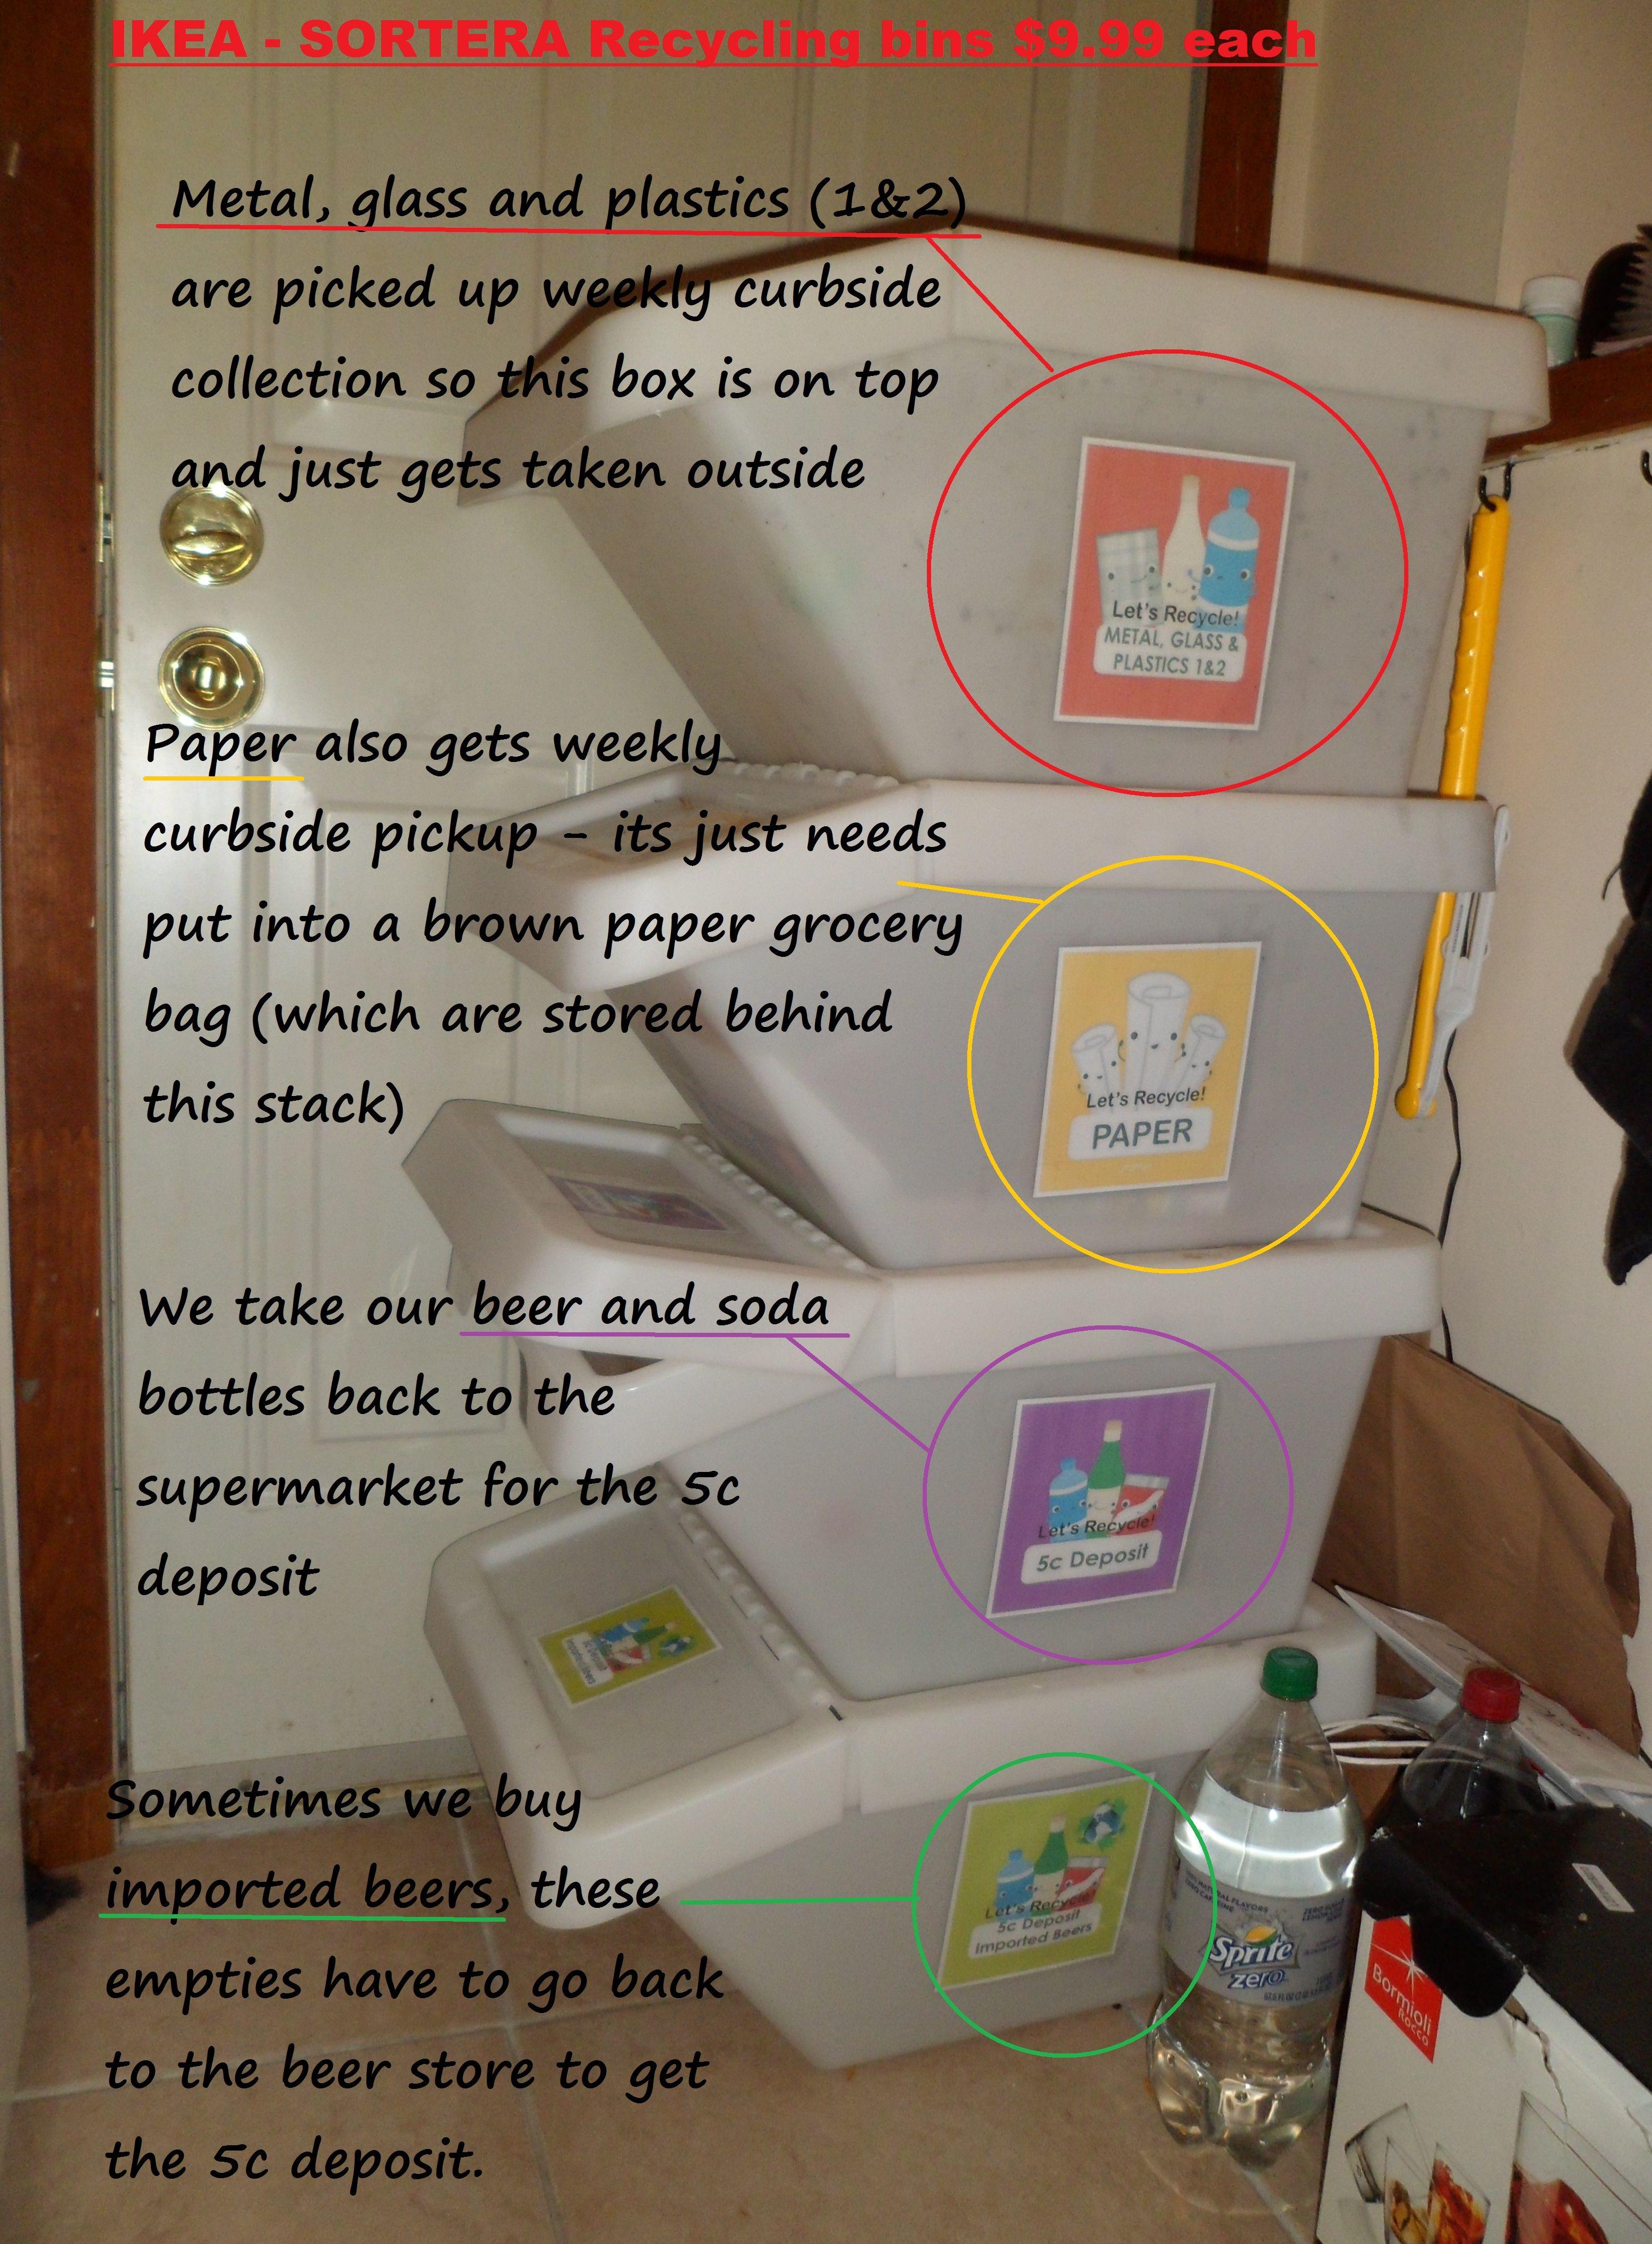 Sorteer de was! stickers voor op de sortera van ikea, zo kan het ...